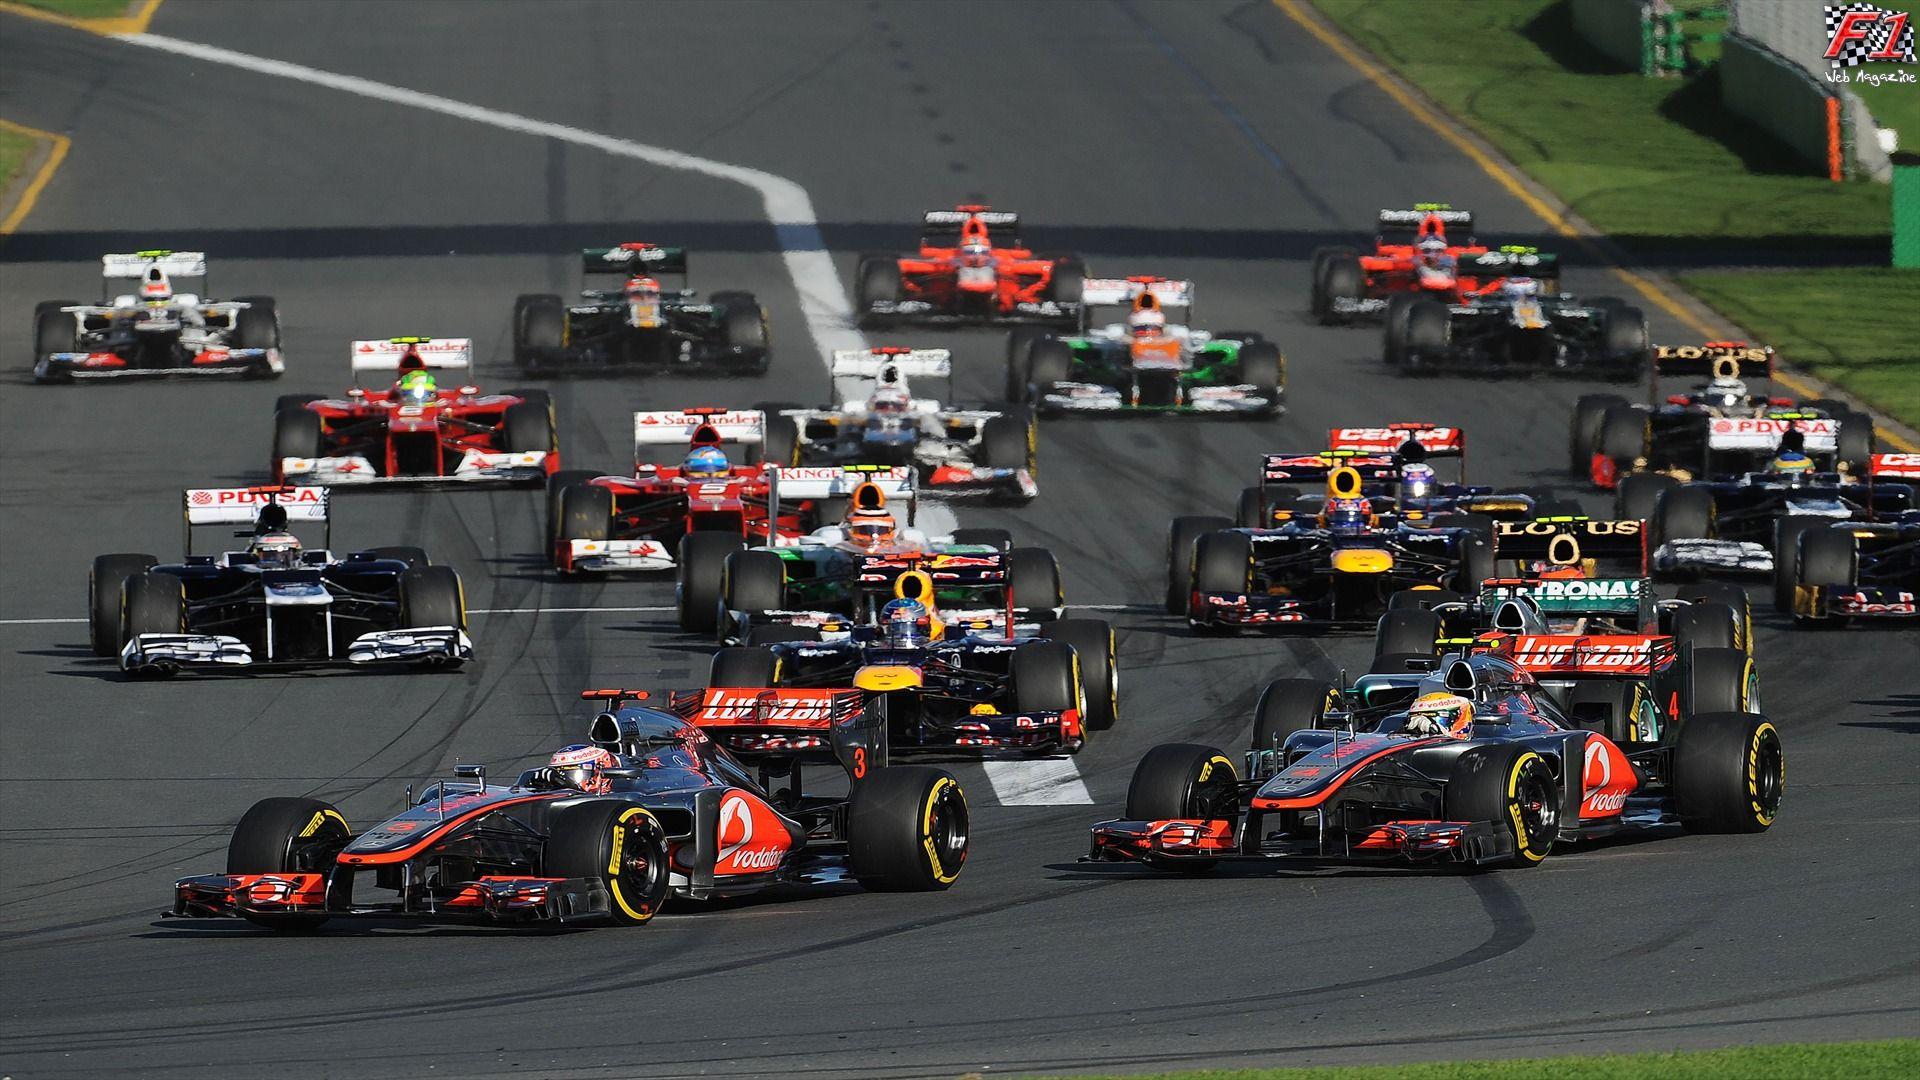 Melbourne Gara 2012